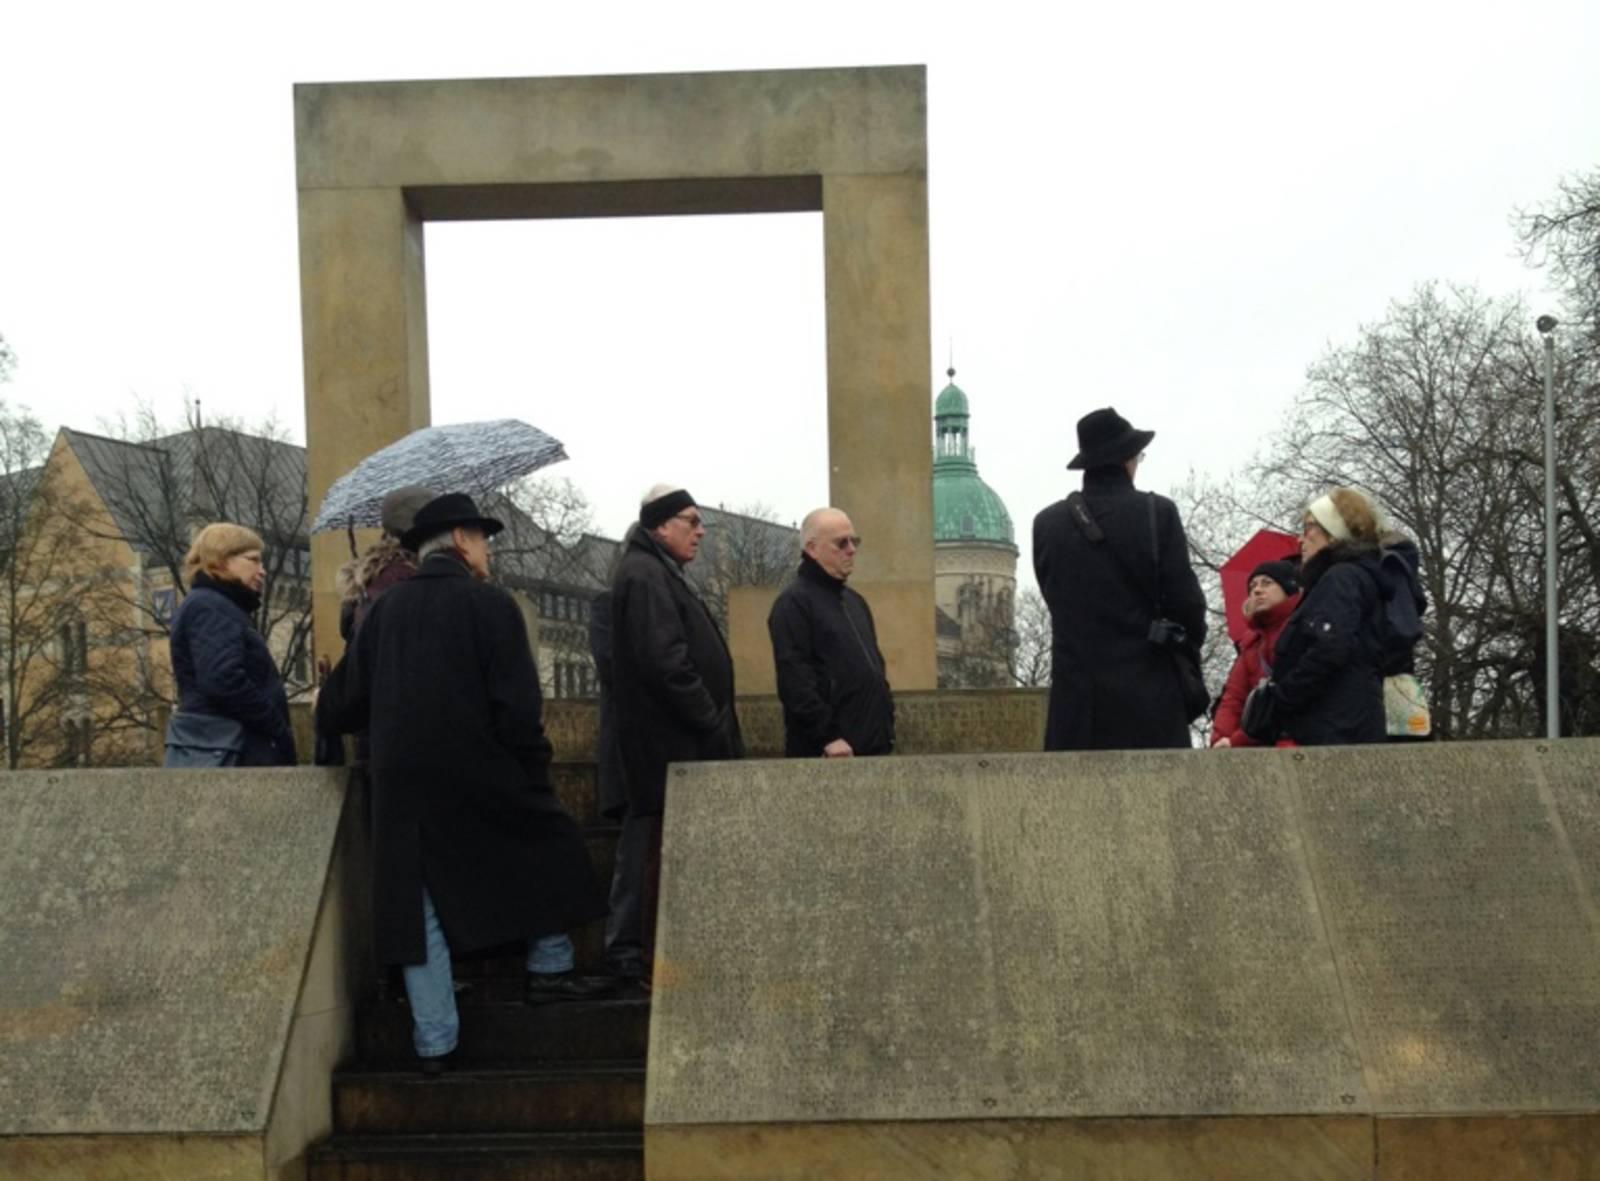 Teilnehmer des Stadtspaziergangs am Holocaust-Mahnmal am Opernplatz